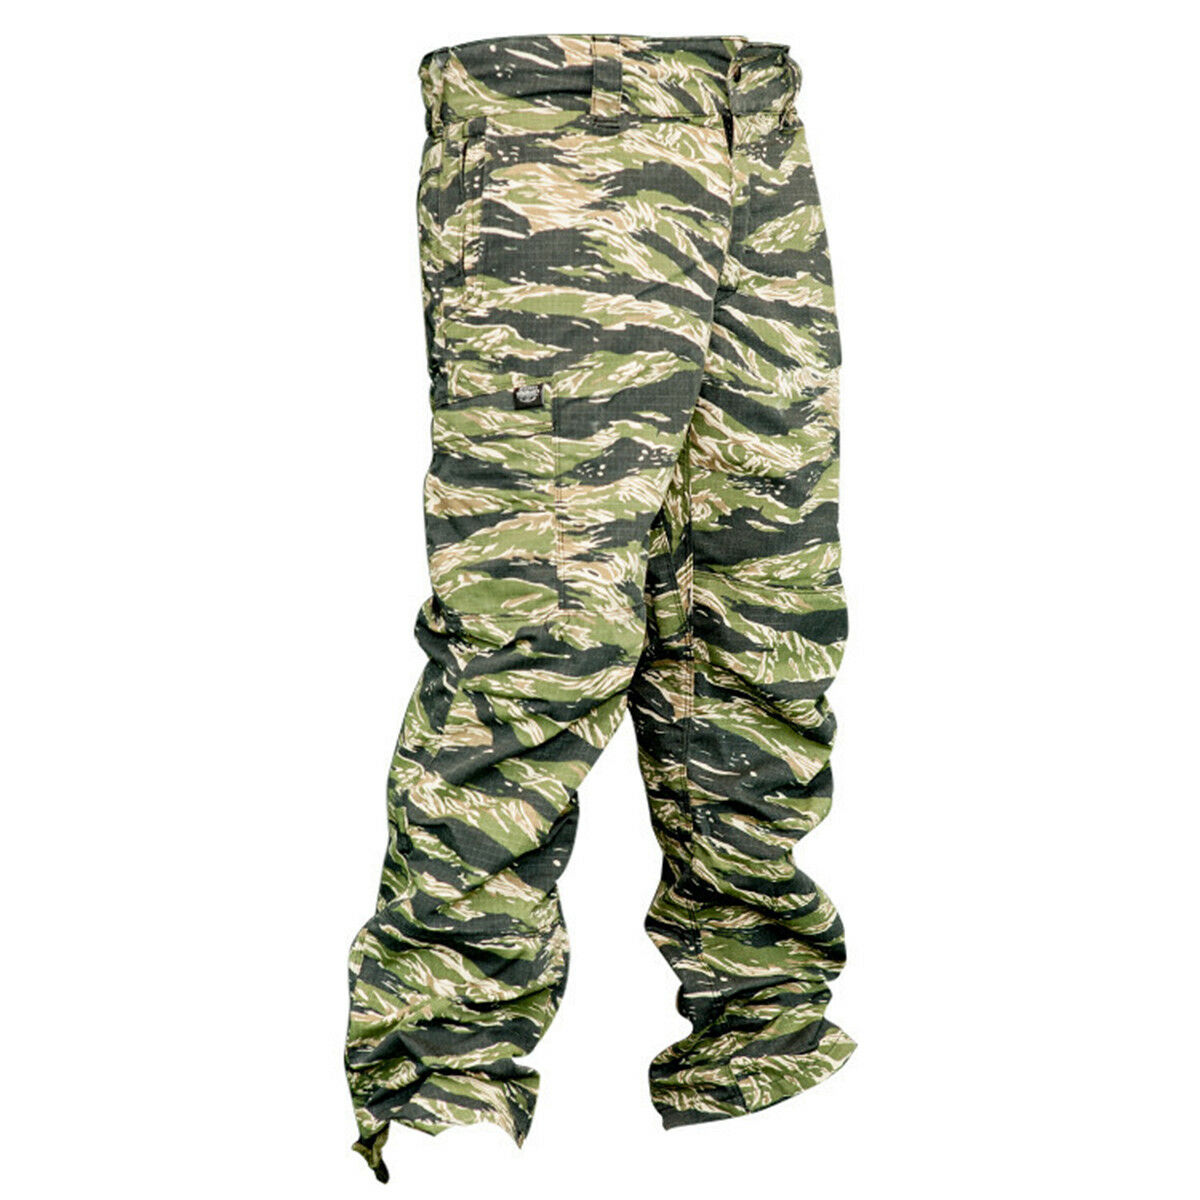 Valken Kilo Combat Pants - Tiger Stripe - XL